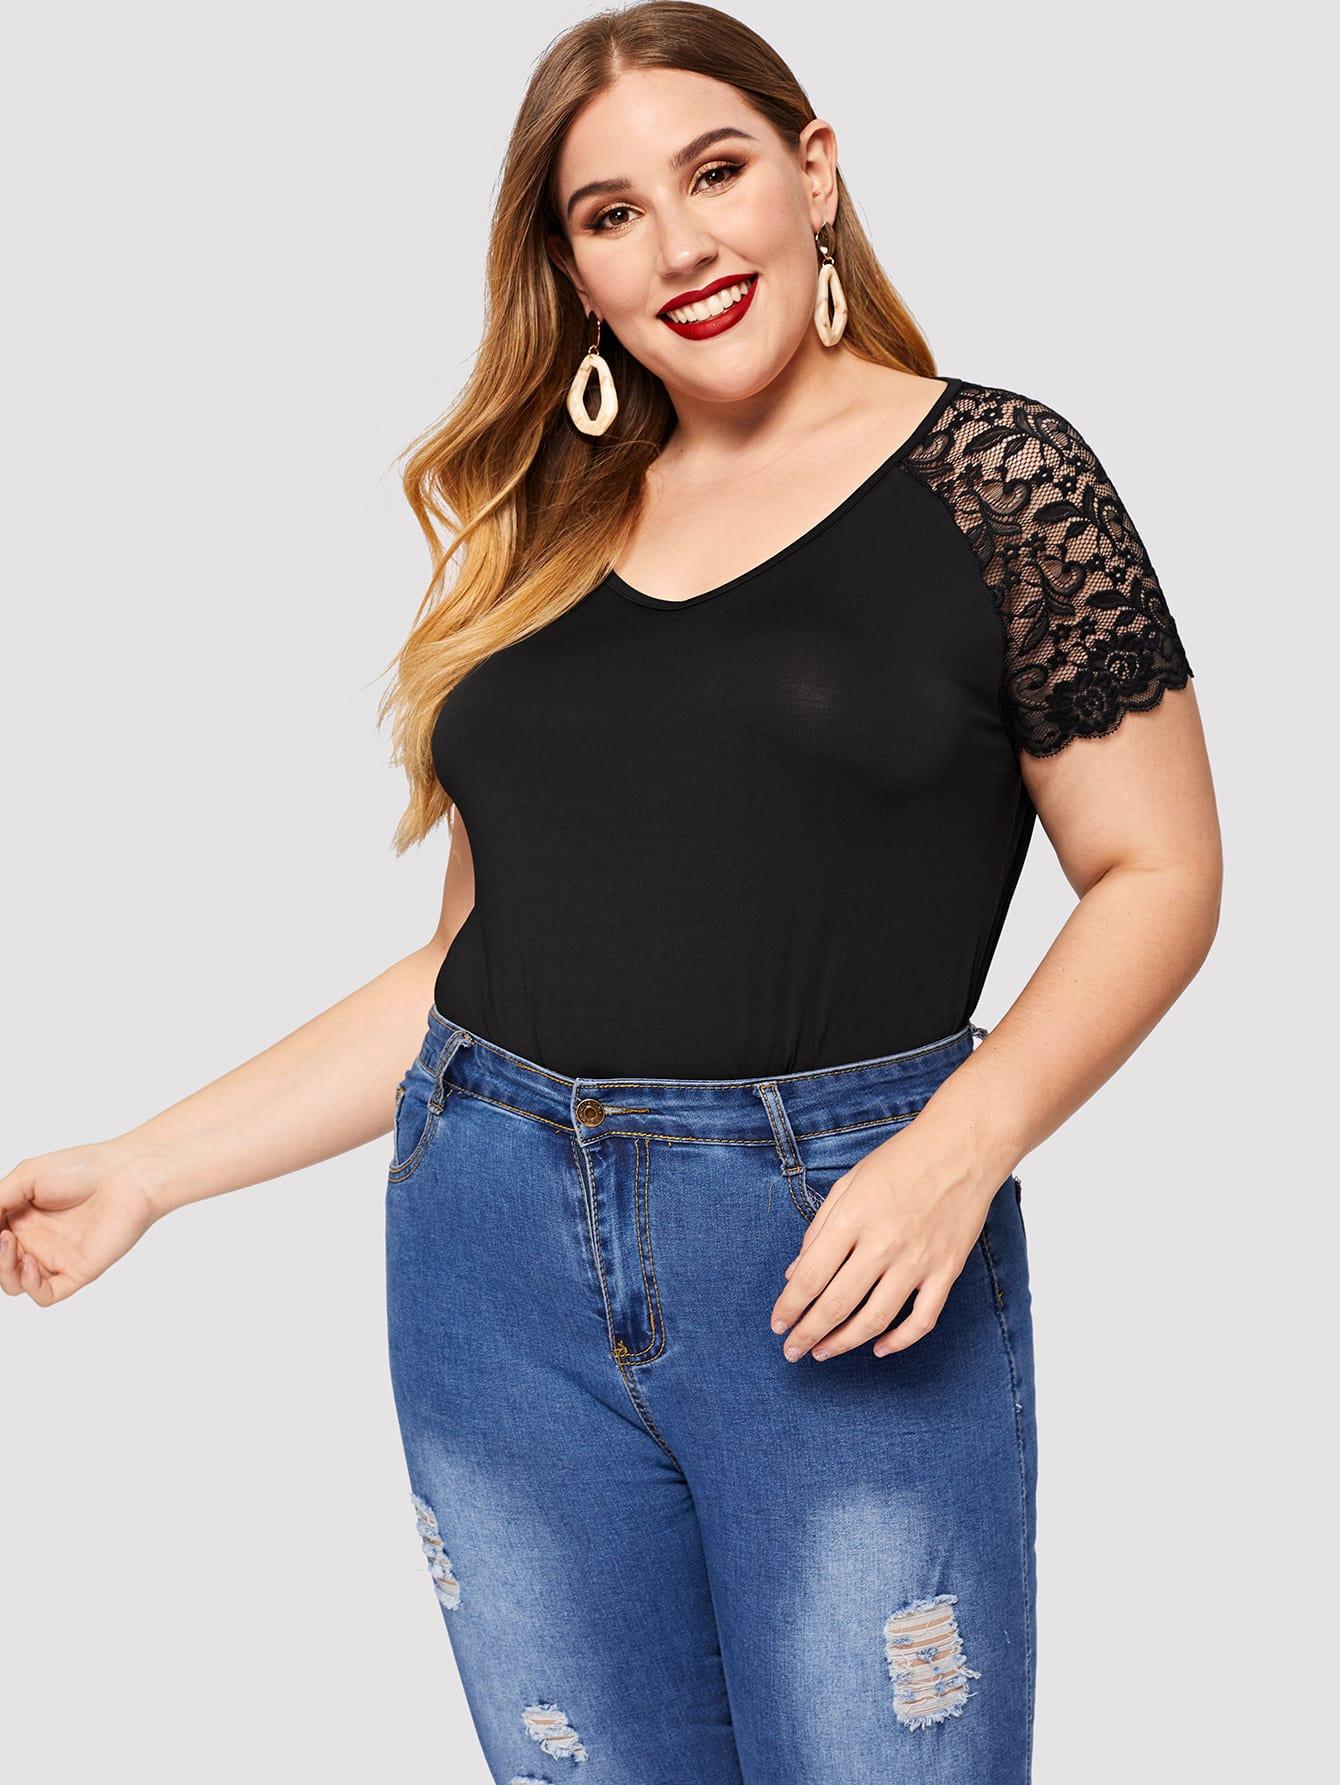 Купить Размера плюс кружевная плоская футболка с V-образным вырезом, Mafe, SheIn